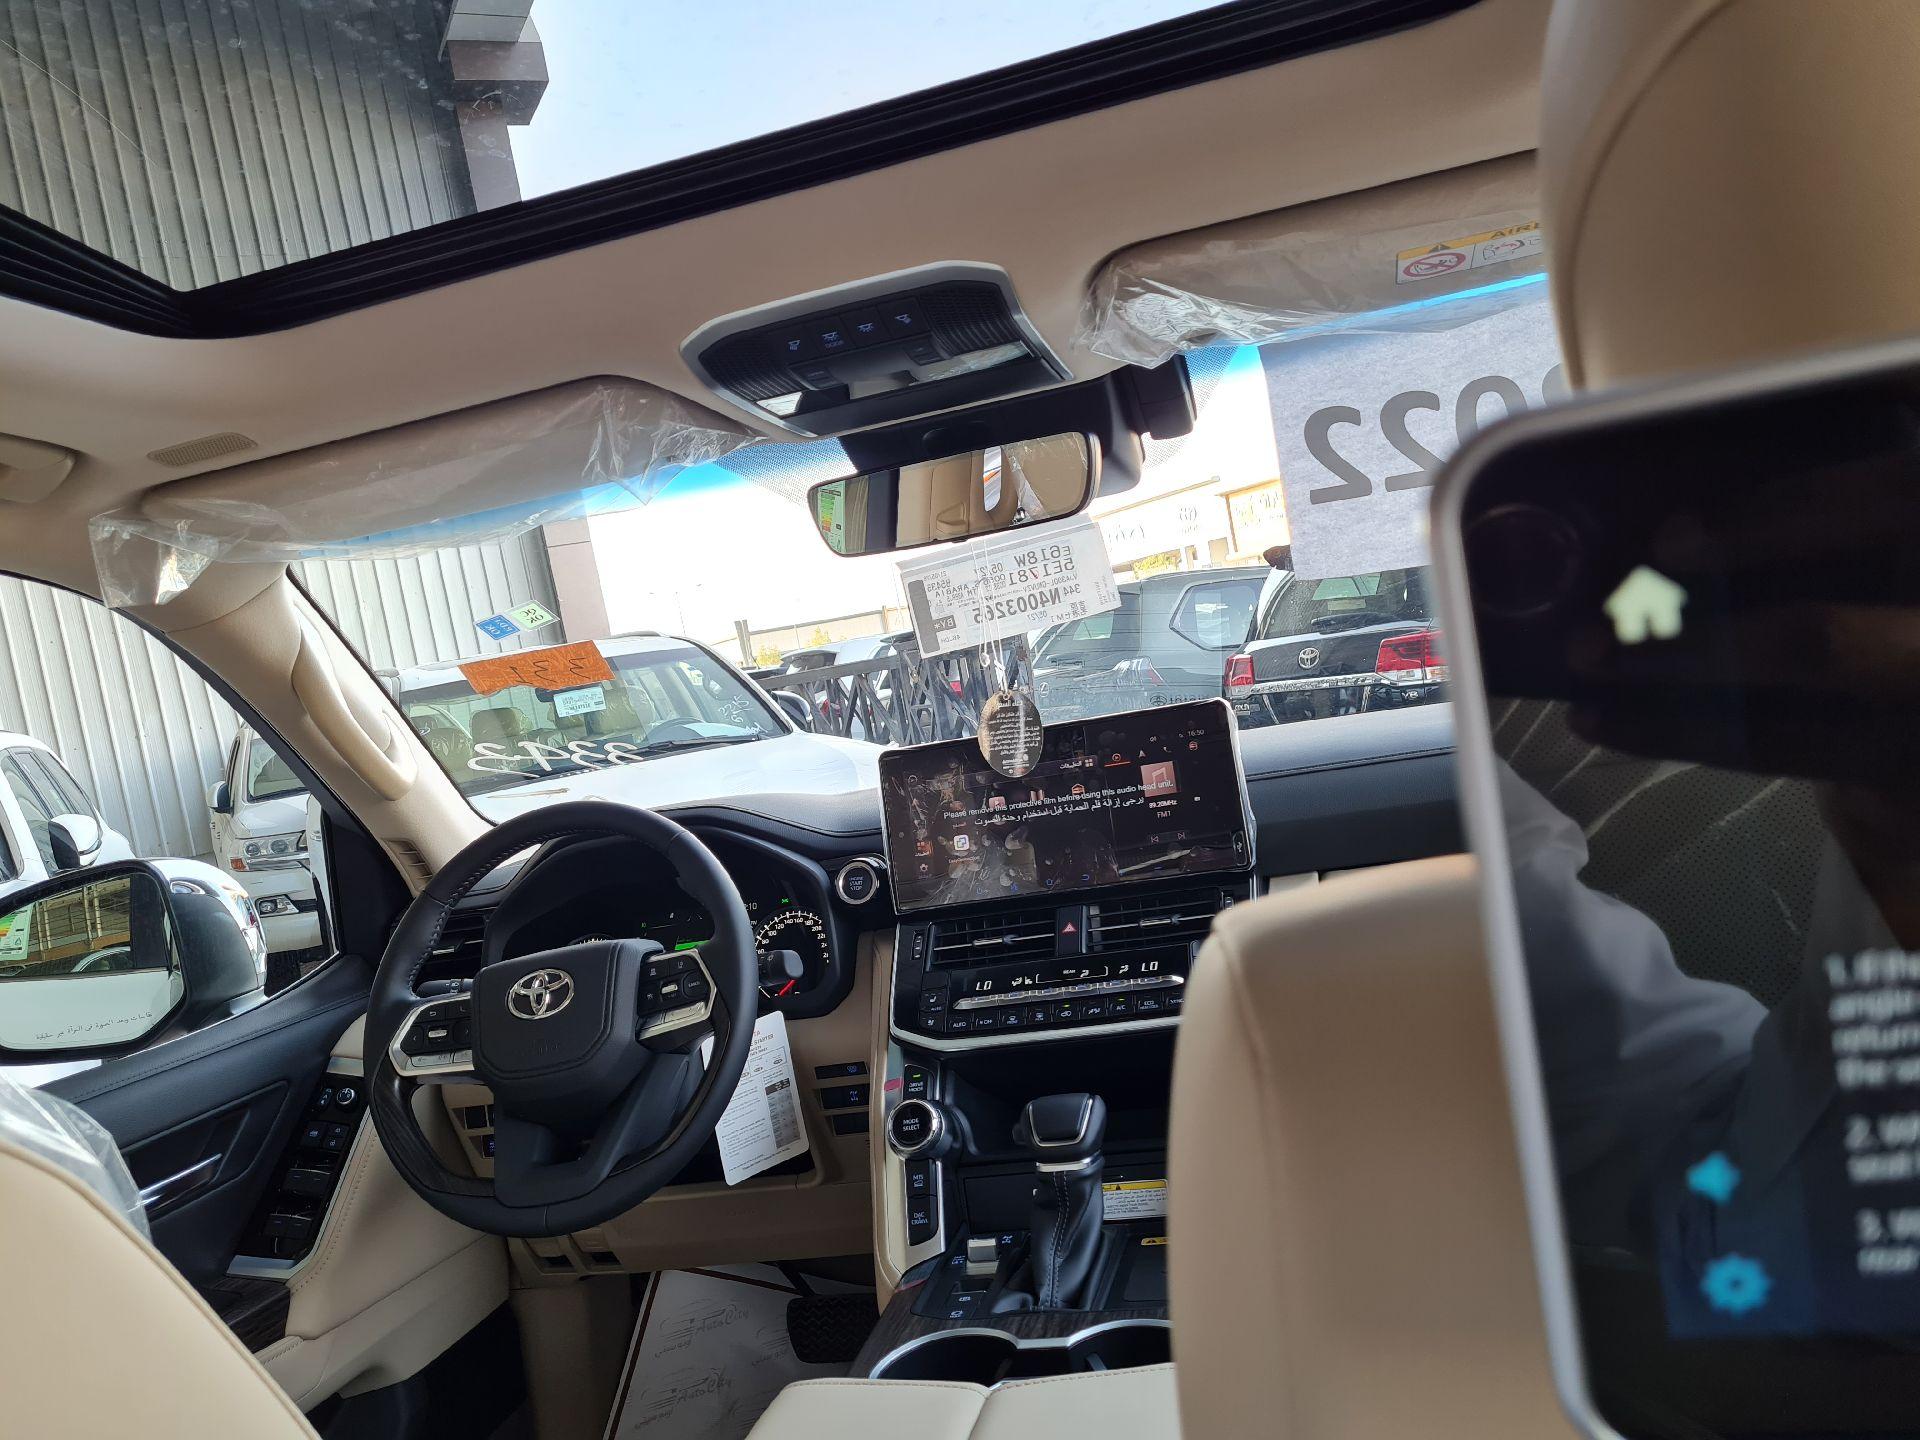 مباع - تويوتا لاندكروزر VX فل 2022 دبل  سعودي جديد للبيع في الرياض - السعودية - صورة كبيرة - 16